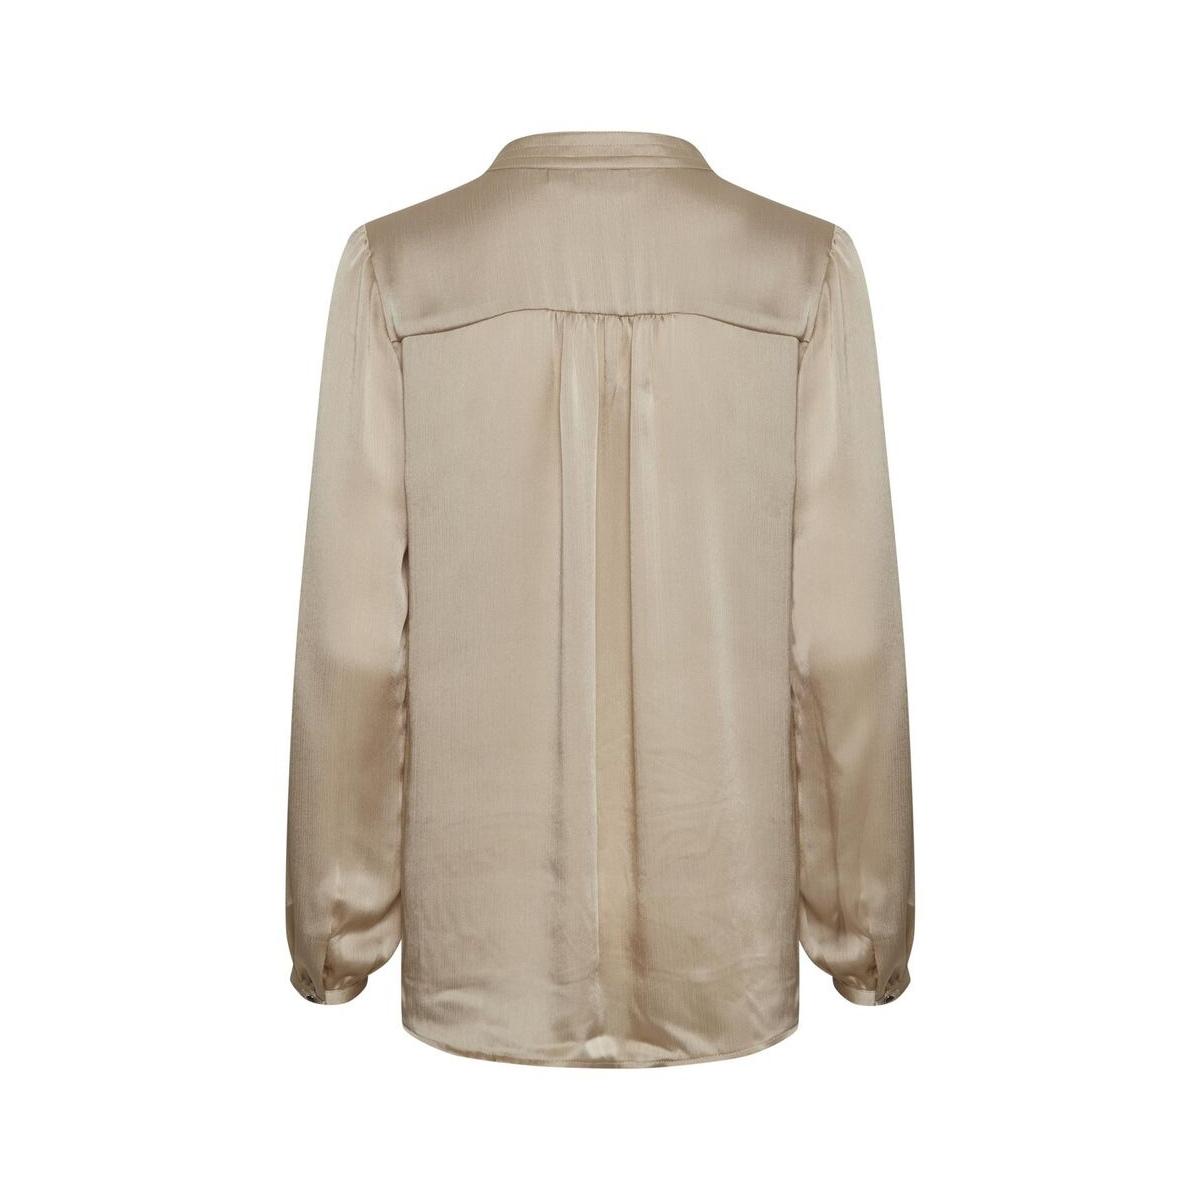 woven blouse ls 30501388 saint tropez blouse 5171